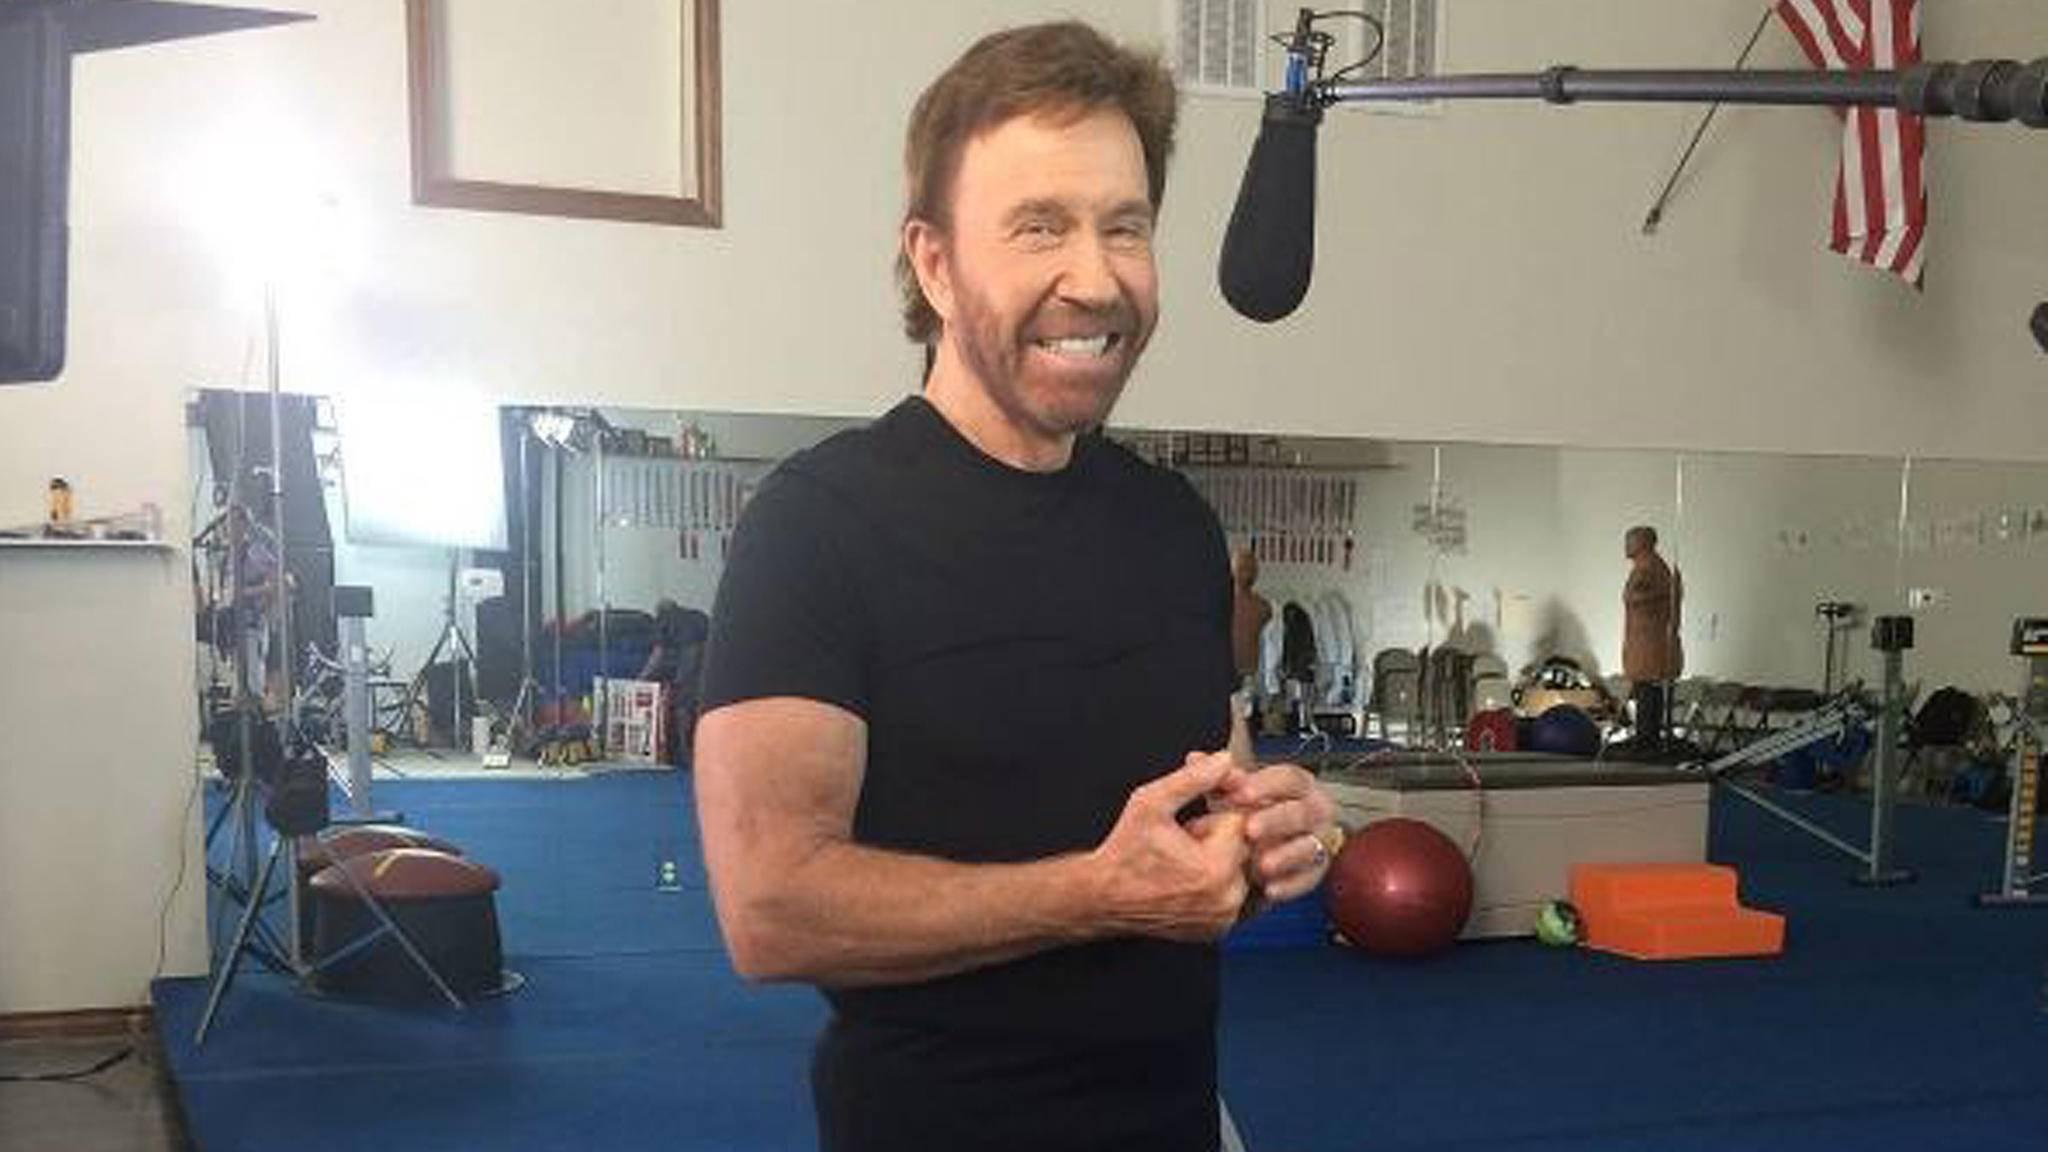 Auch mit 80 lässt Chuck Norris das Training natürlich nicht schleifen.